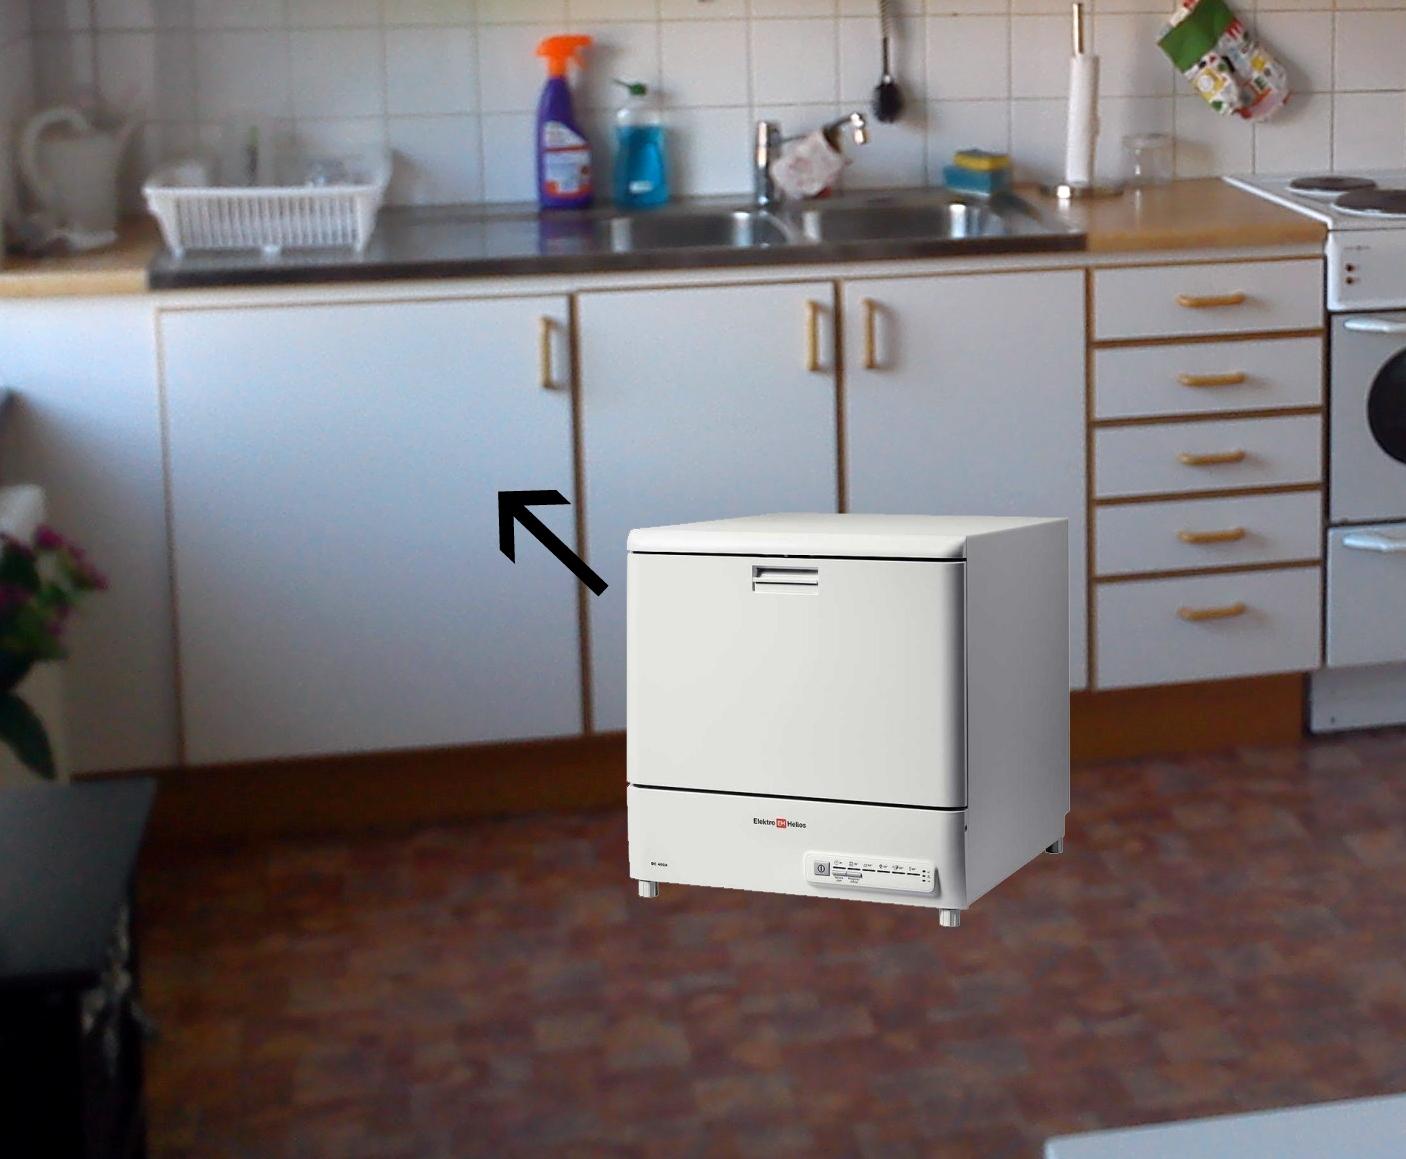 Inredning blandare bänkdiskmaskin : Ett steg i taget...: Tankar och funderingar